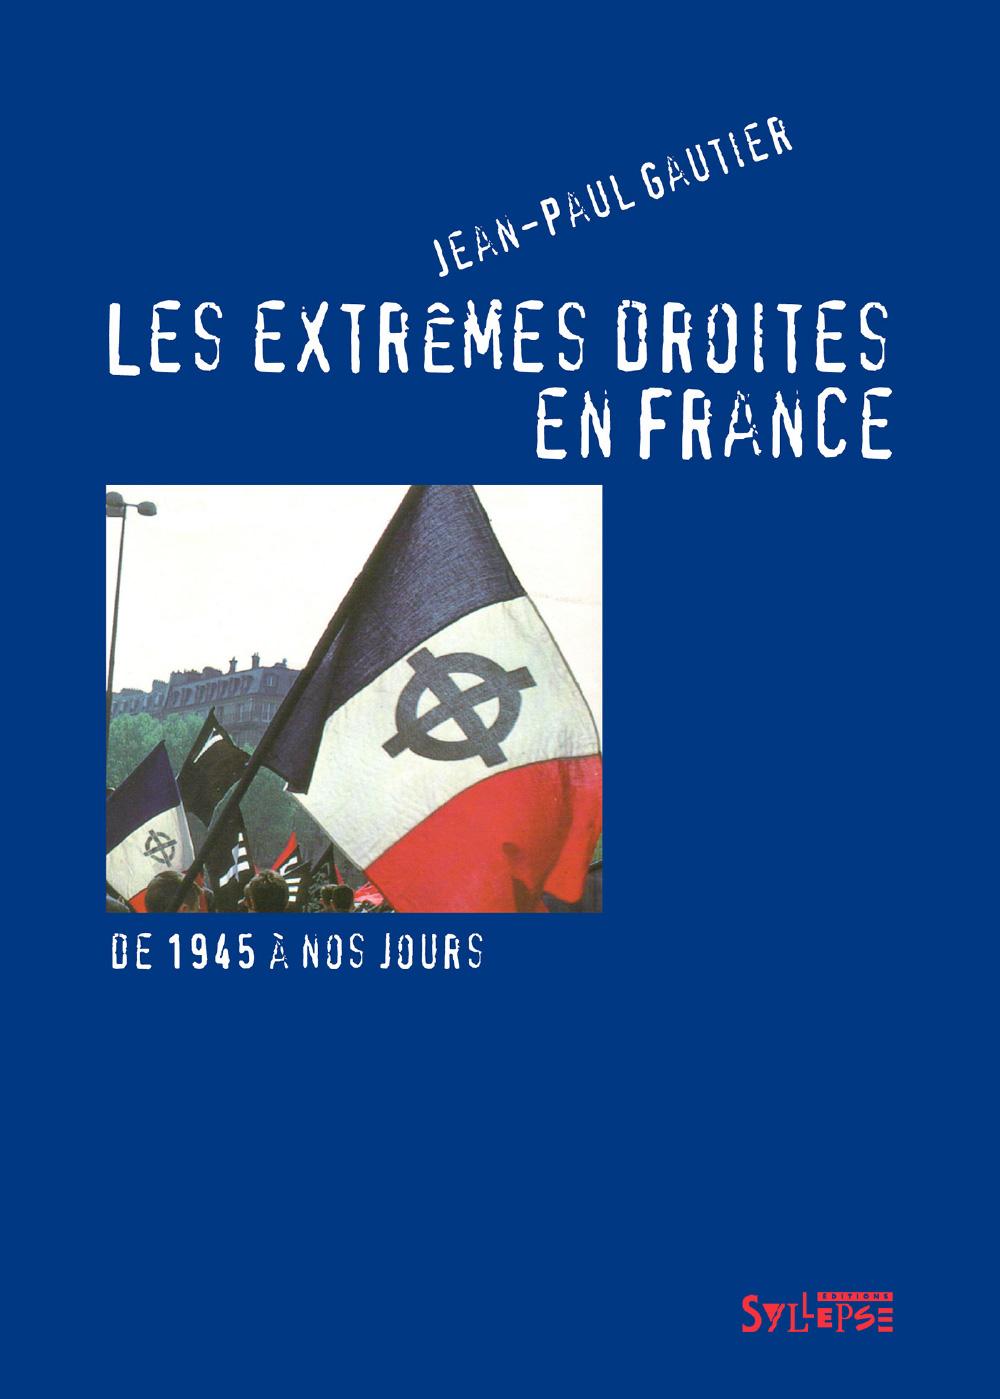 Les extrêmes droites en France